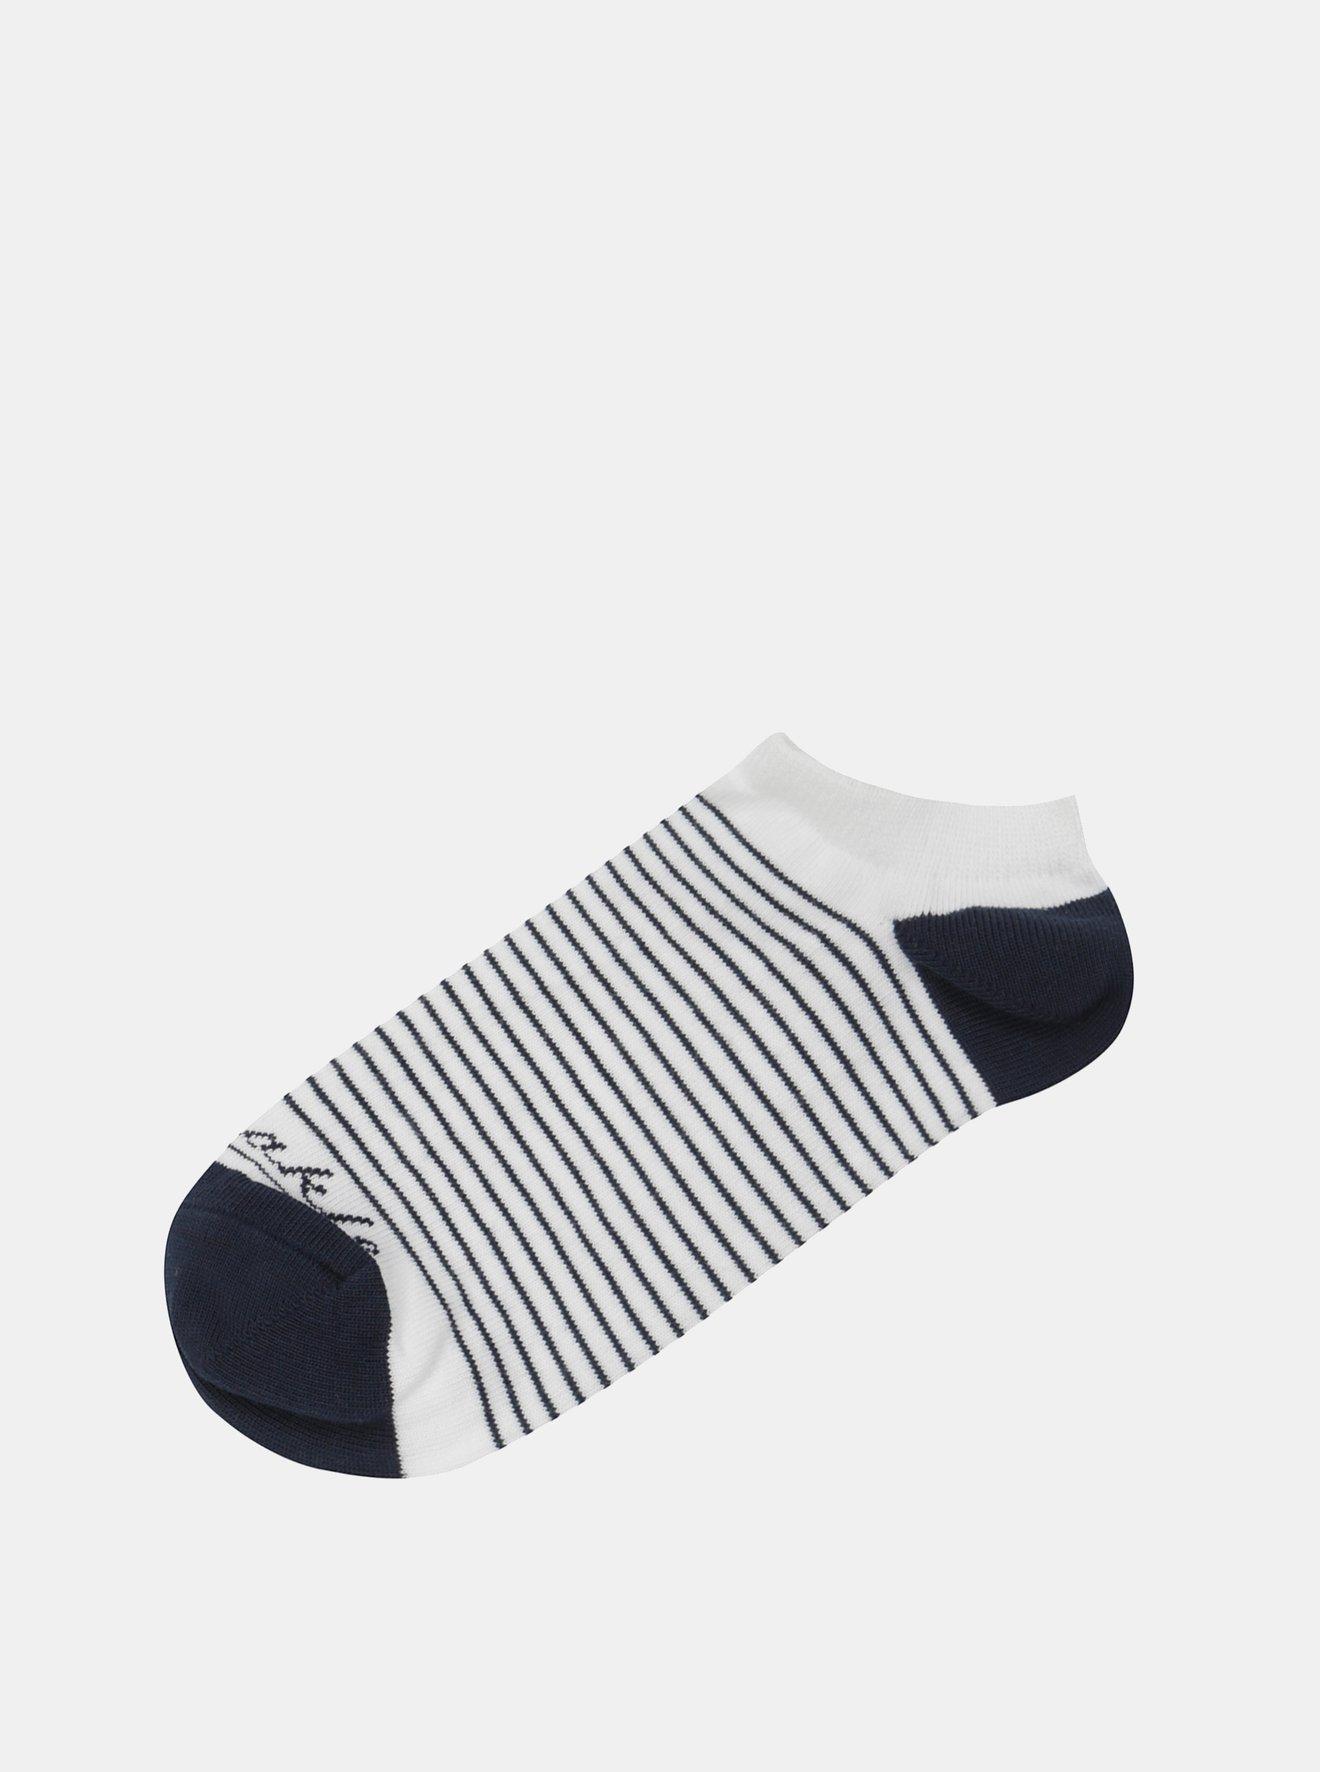 Modro-bílé kotníkové ponožky s pruhy Fusakle Pohoďák prímorský